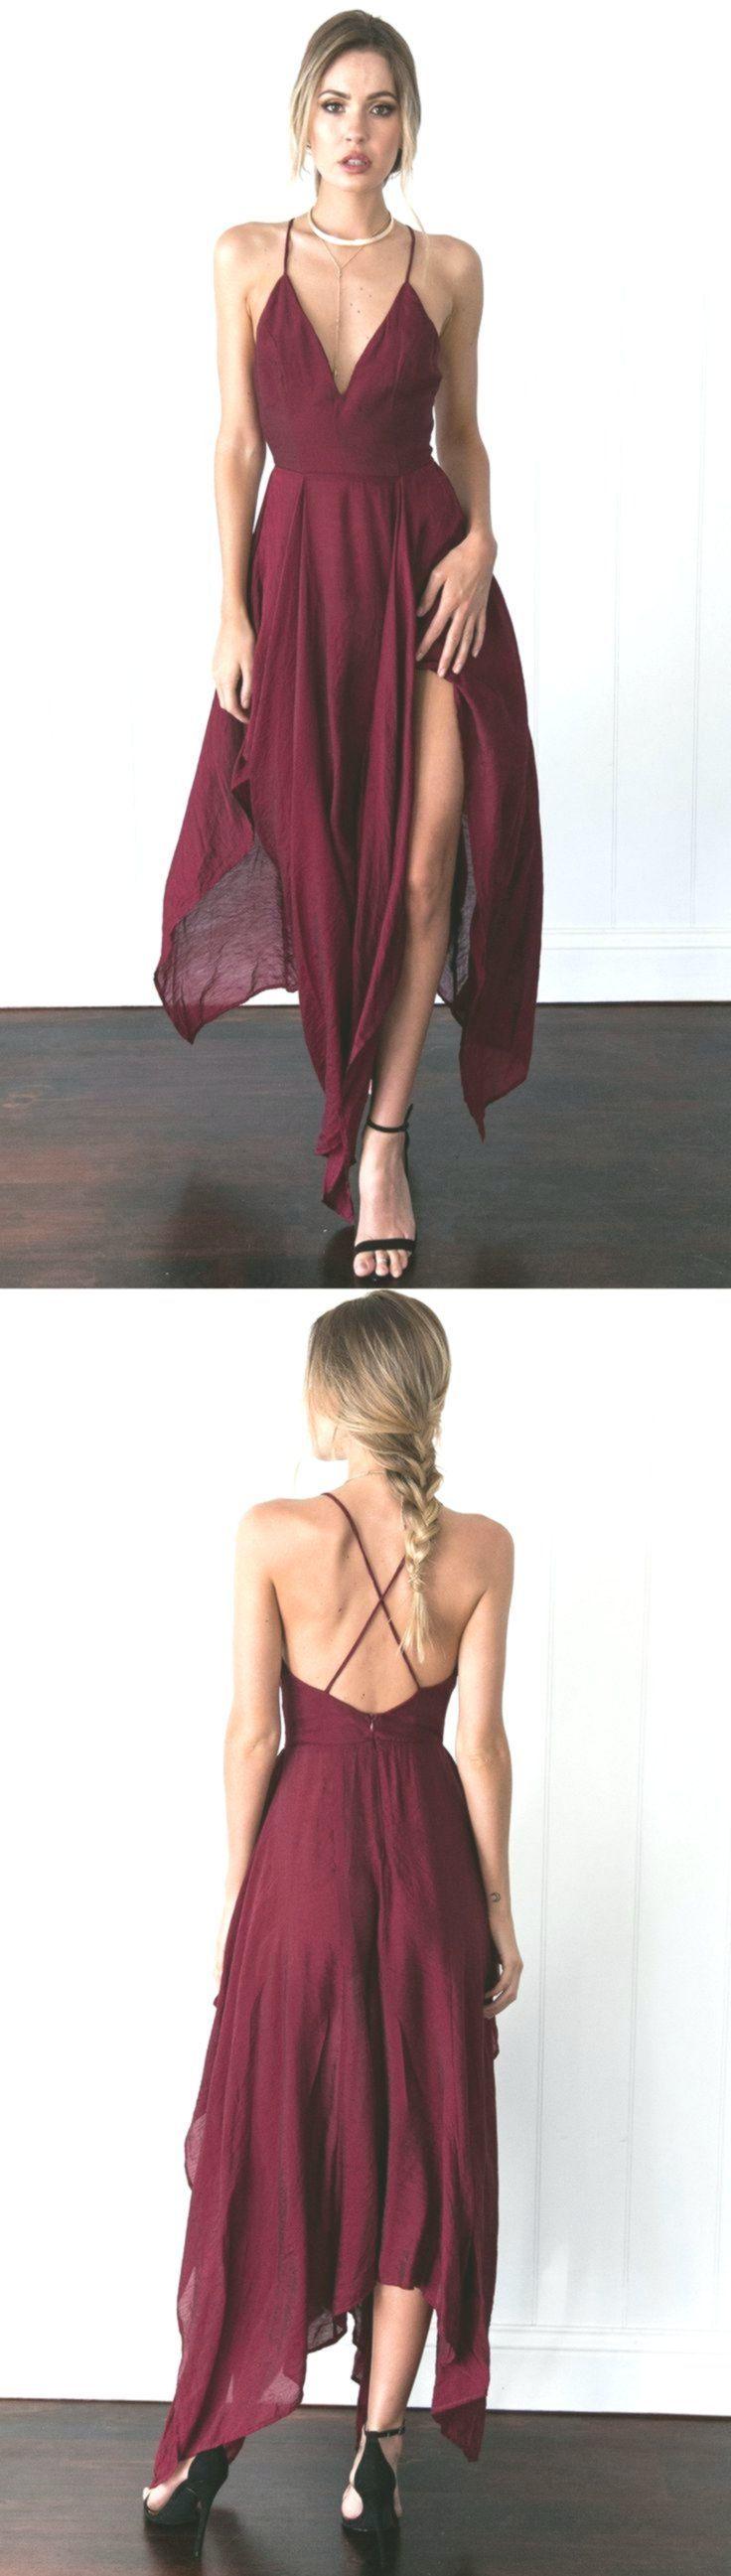 abendkleider online,günstige abendkleider,festliche kleidung